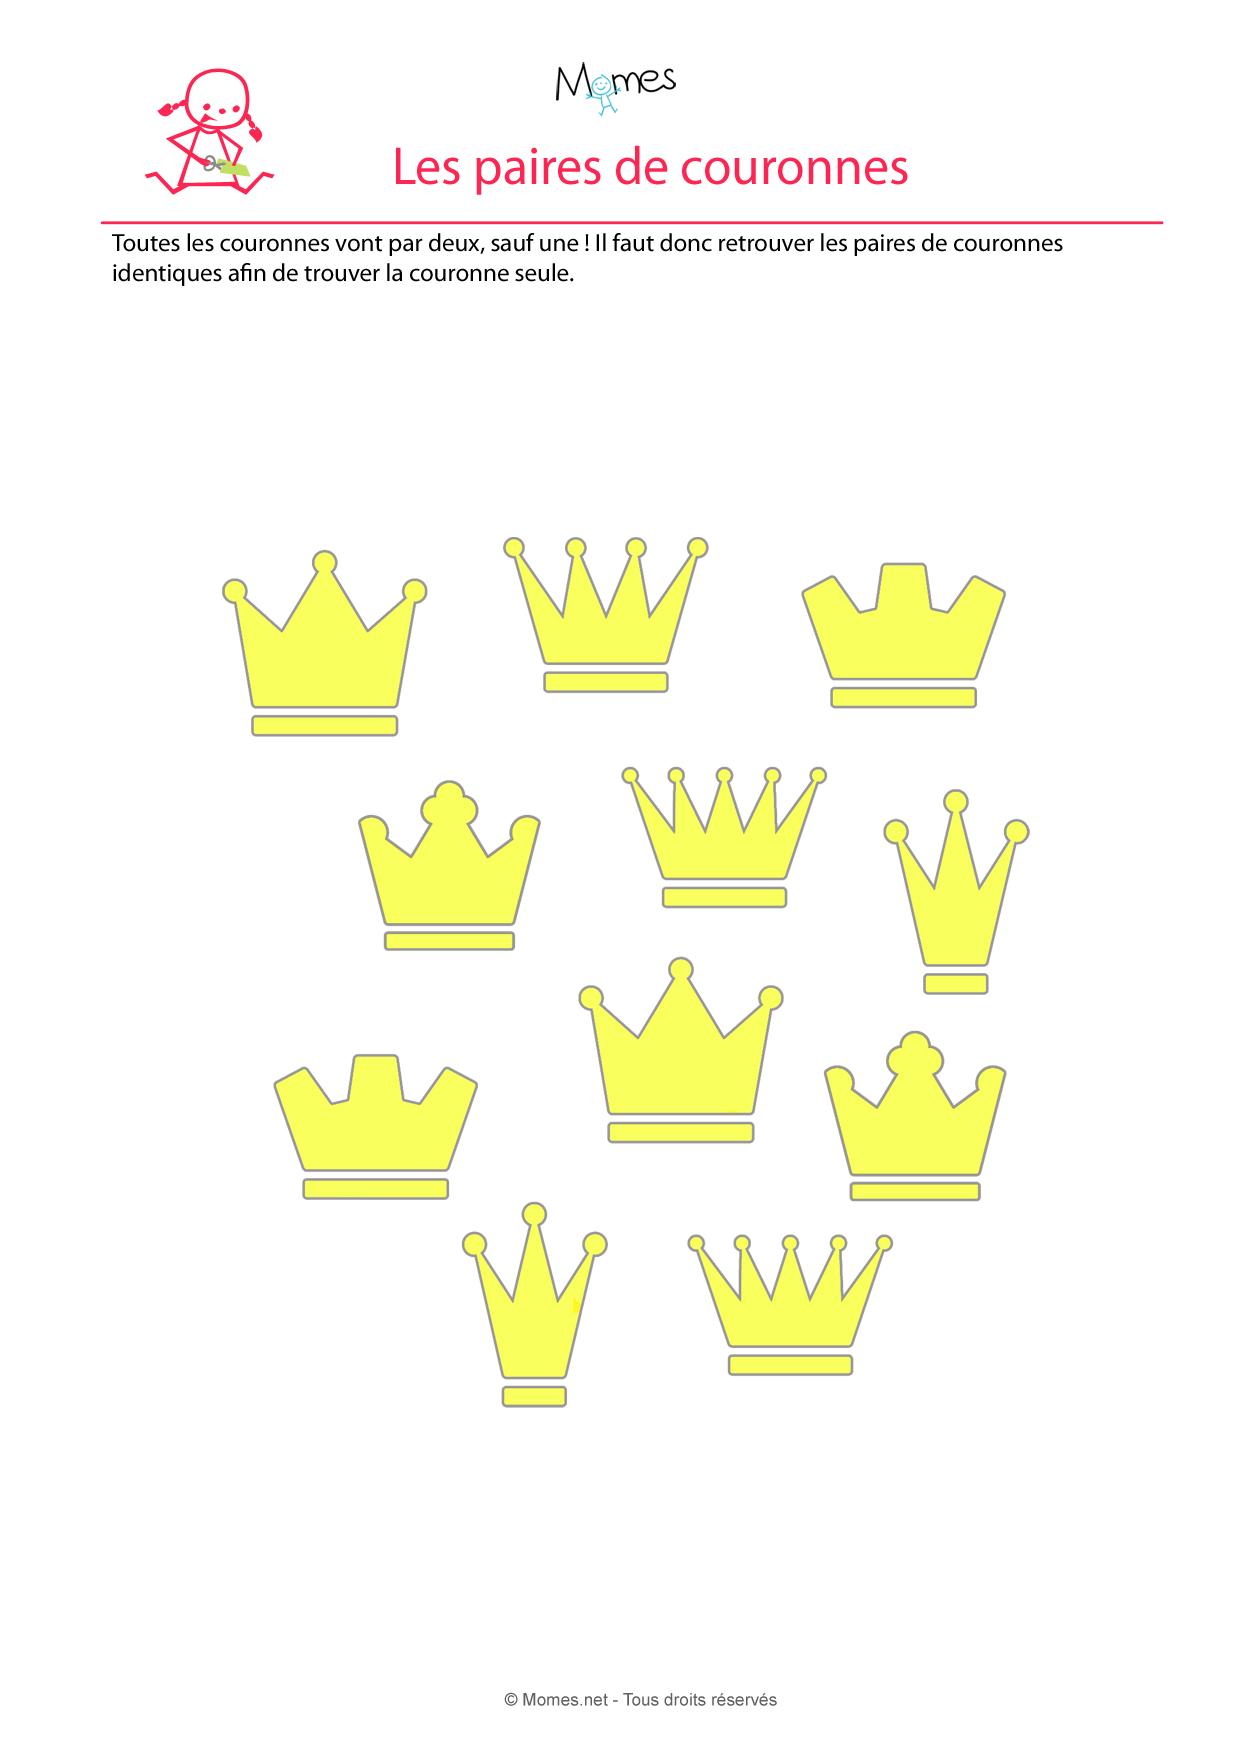 Retrouve les paires de couronnes